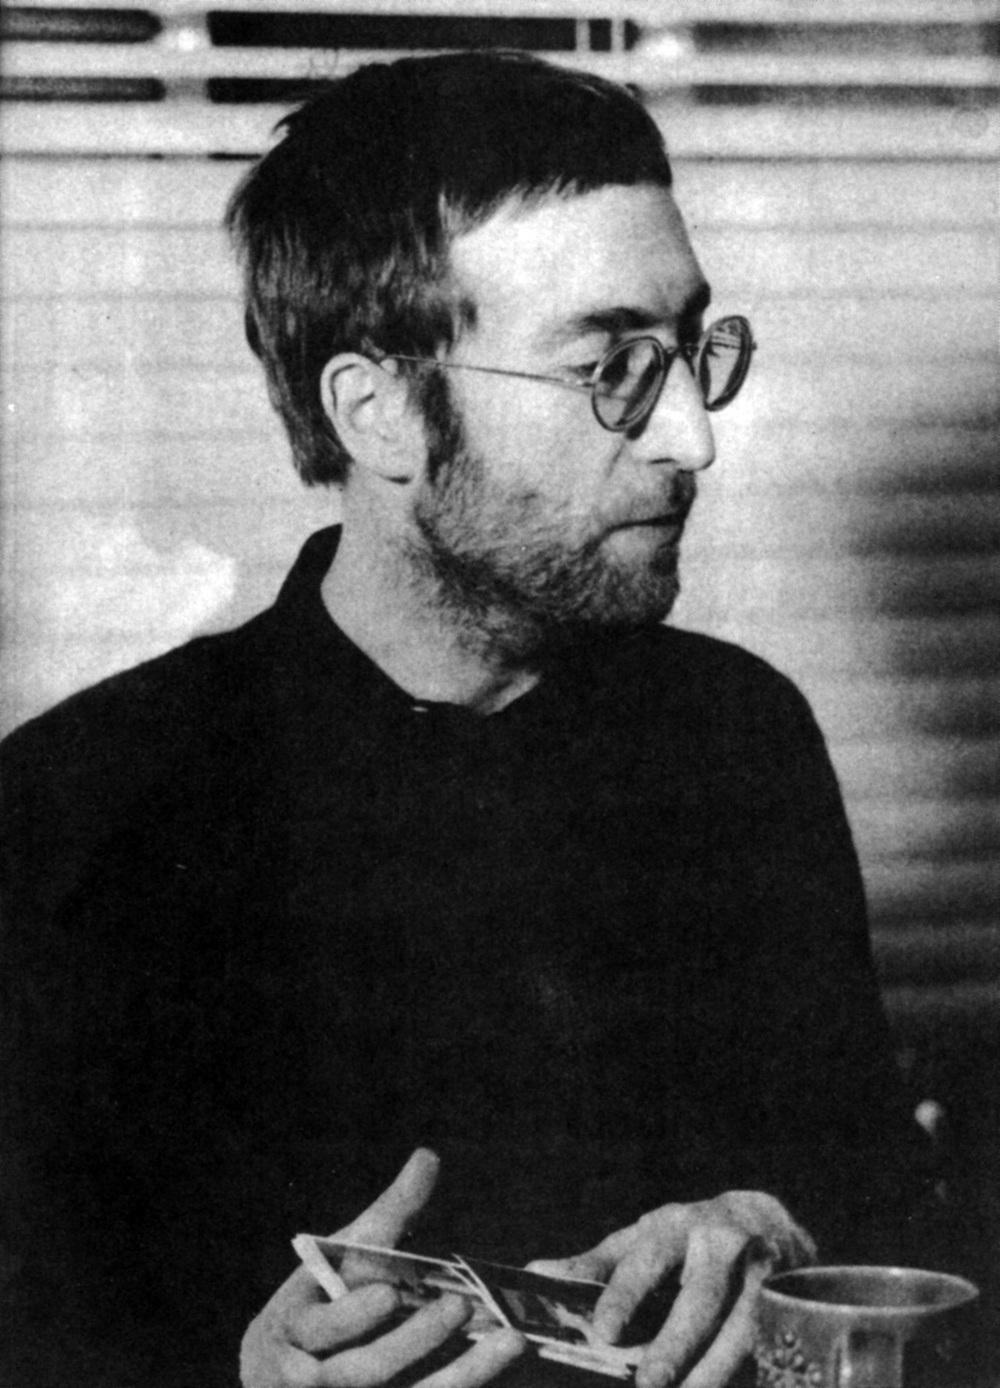 John Lennon, 1970.